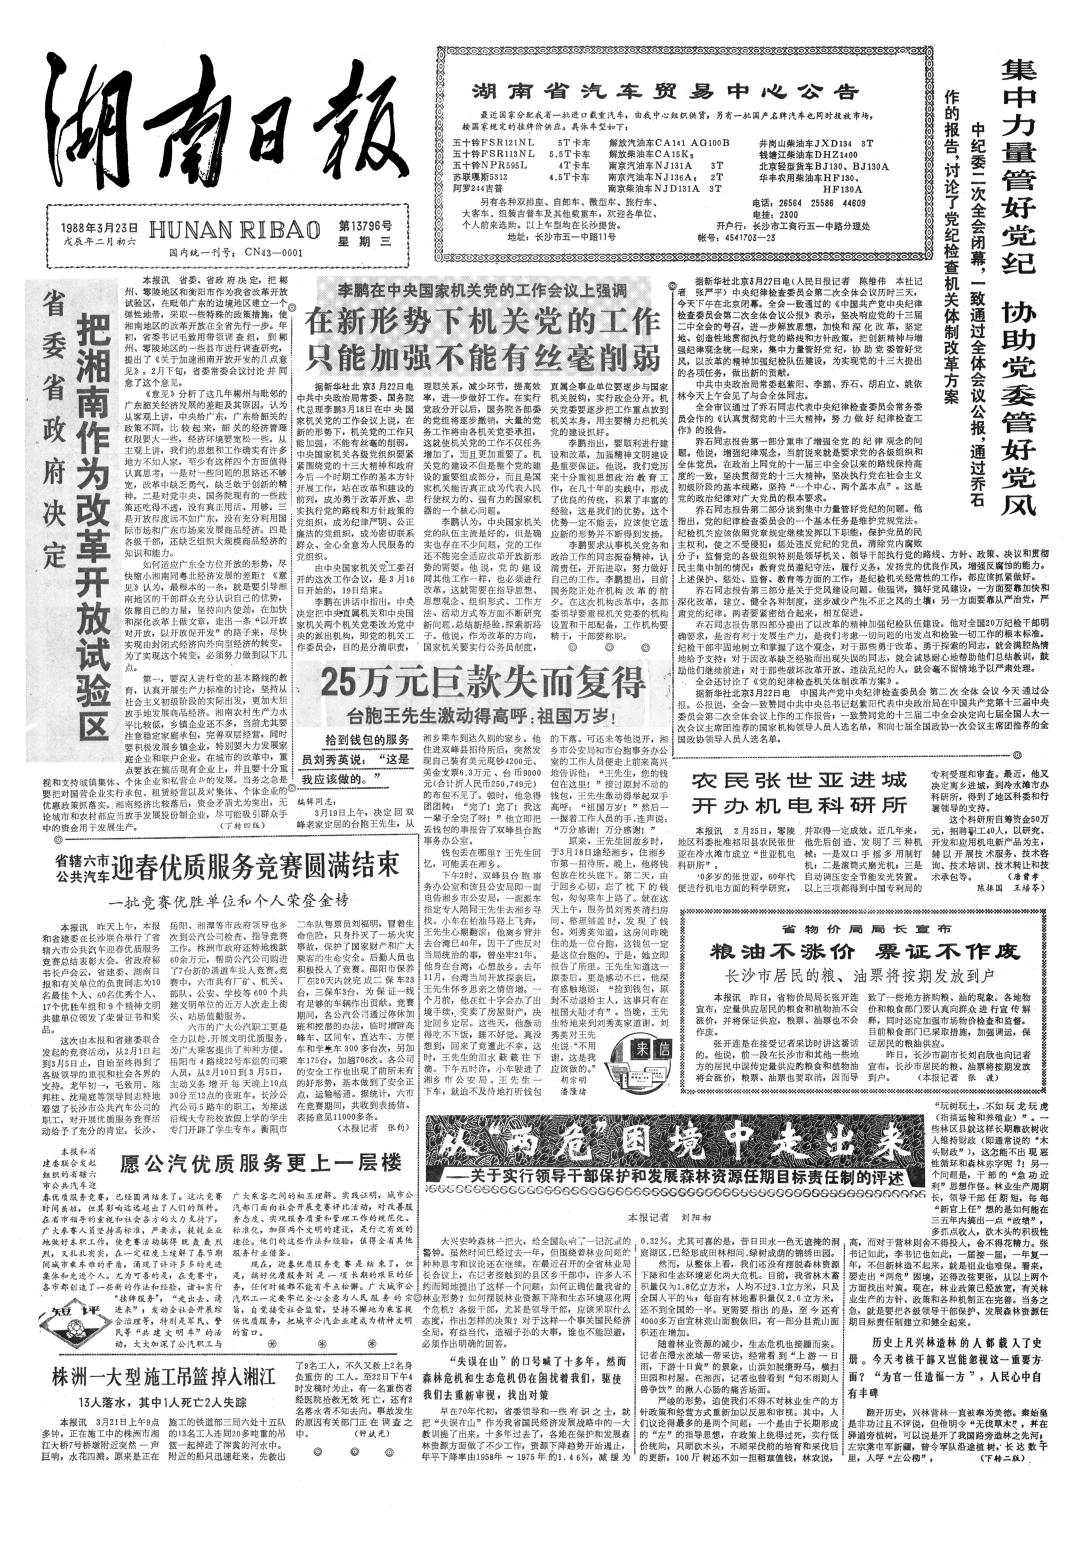 (1988年3月23日,《湖南日报》刊发省委、省政府把湘南作为改革开放试验区的报道。资料图片)